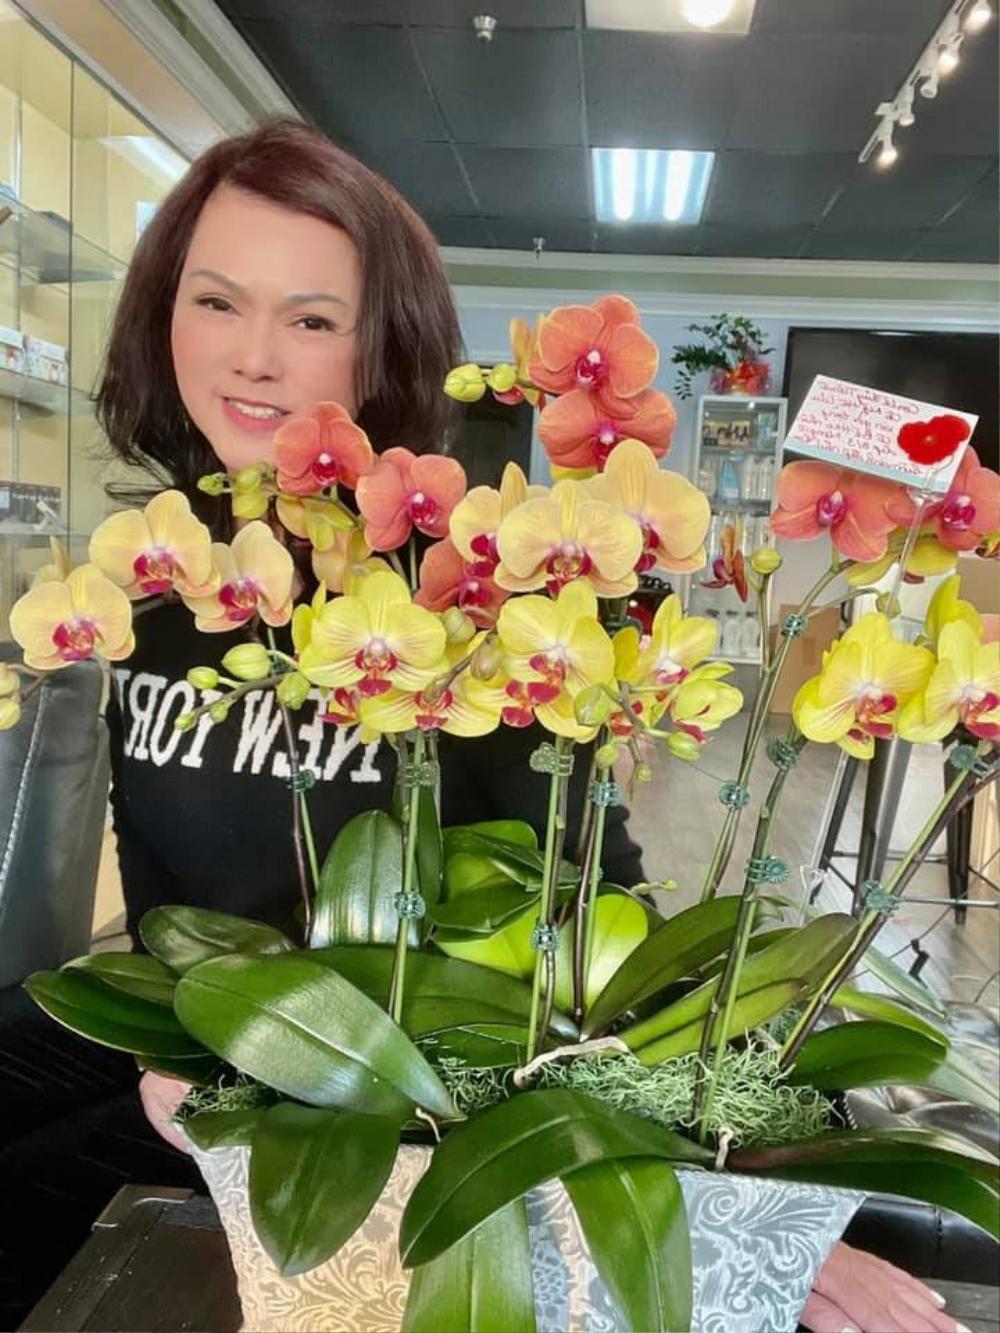 Bà xã cố nghệ sĩ Chí Tài nhận được quà 8/3 muộn nhưng vẫn rất vui: Là chú heo cùng lẵng hoa Ảnh 1